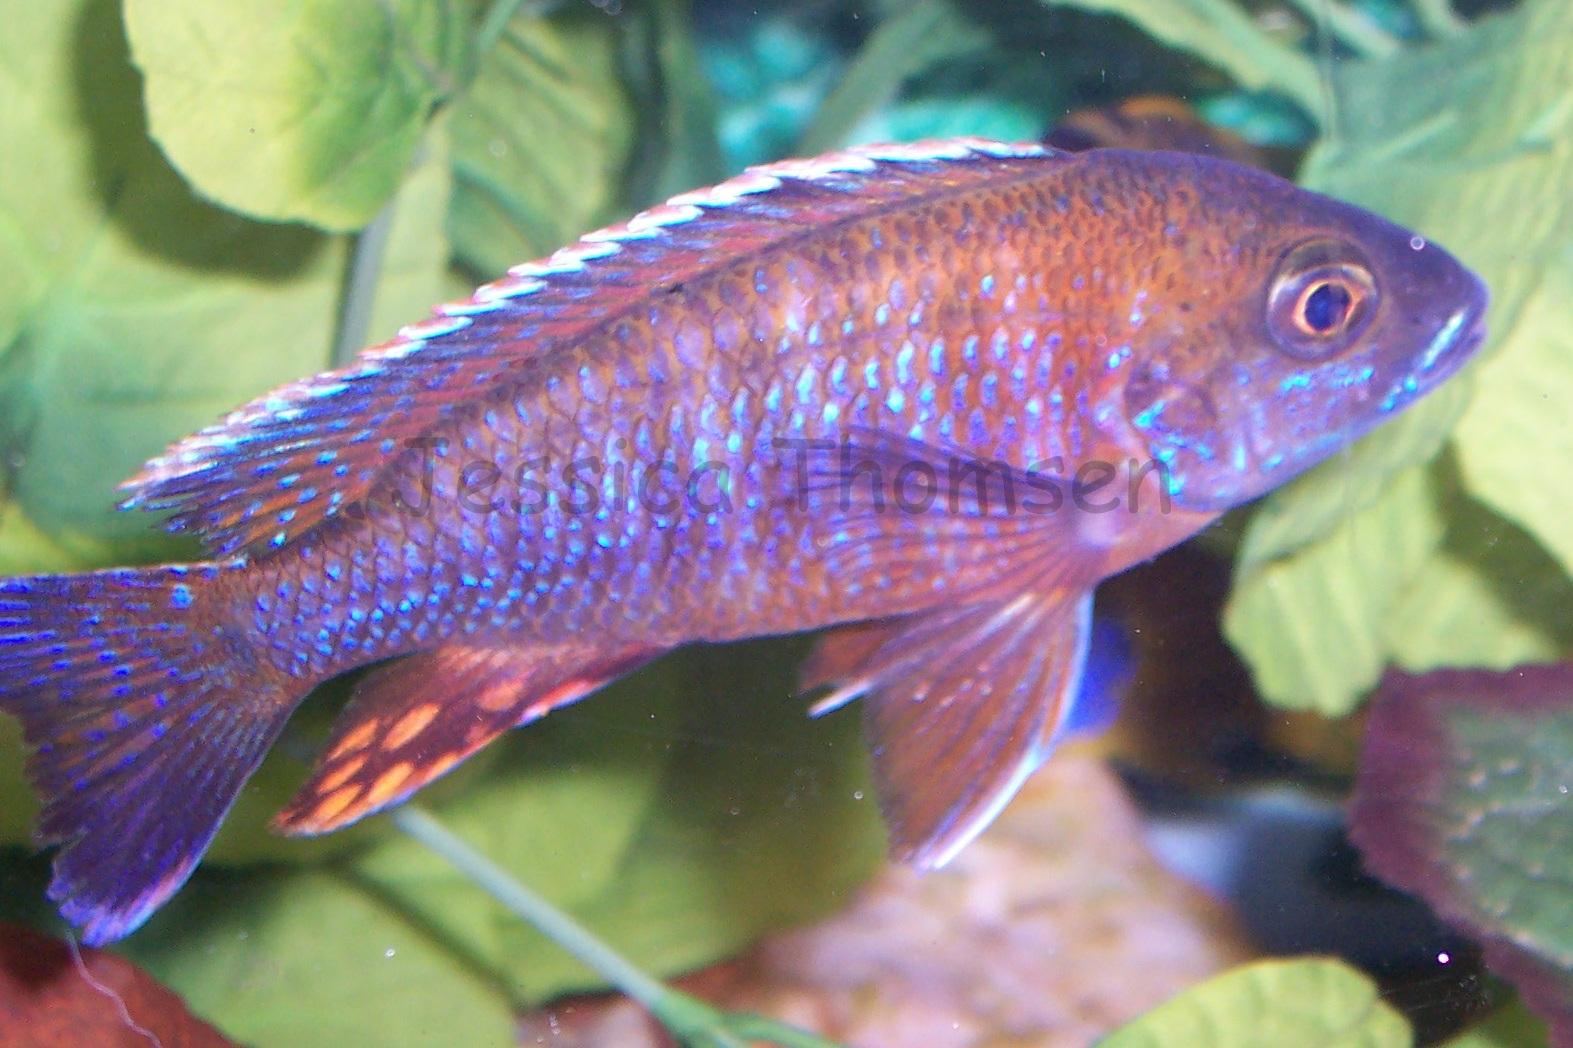 Ruby red cichlid female - photo#19